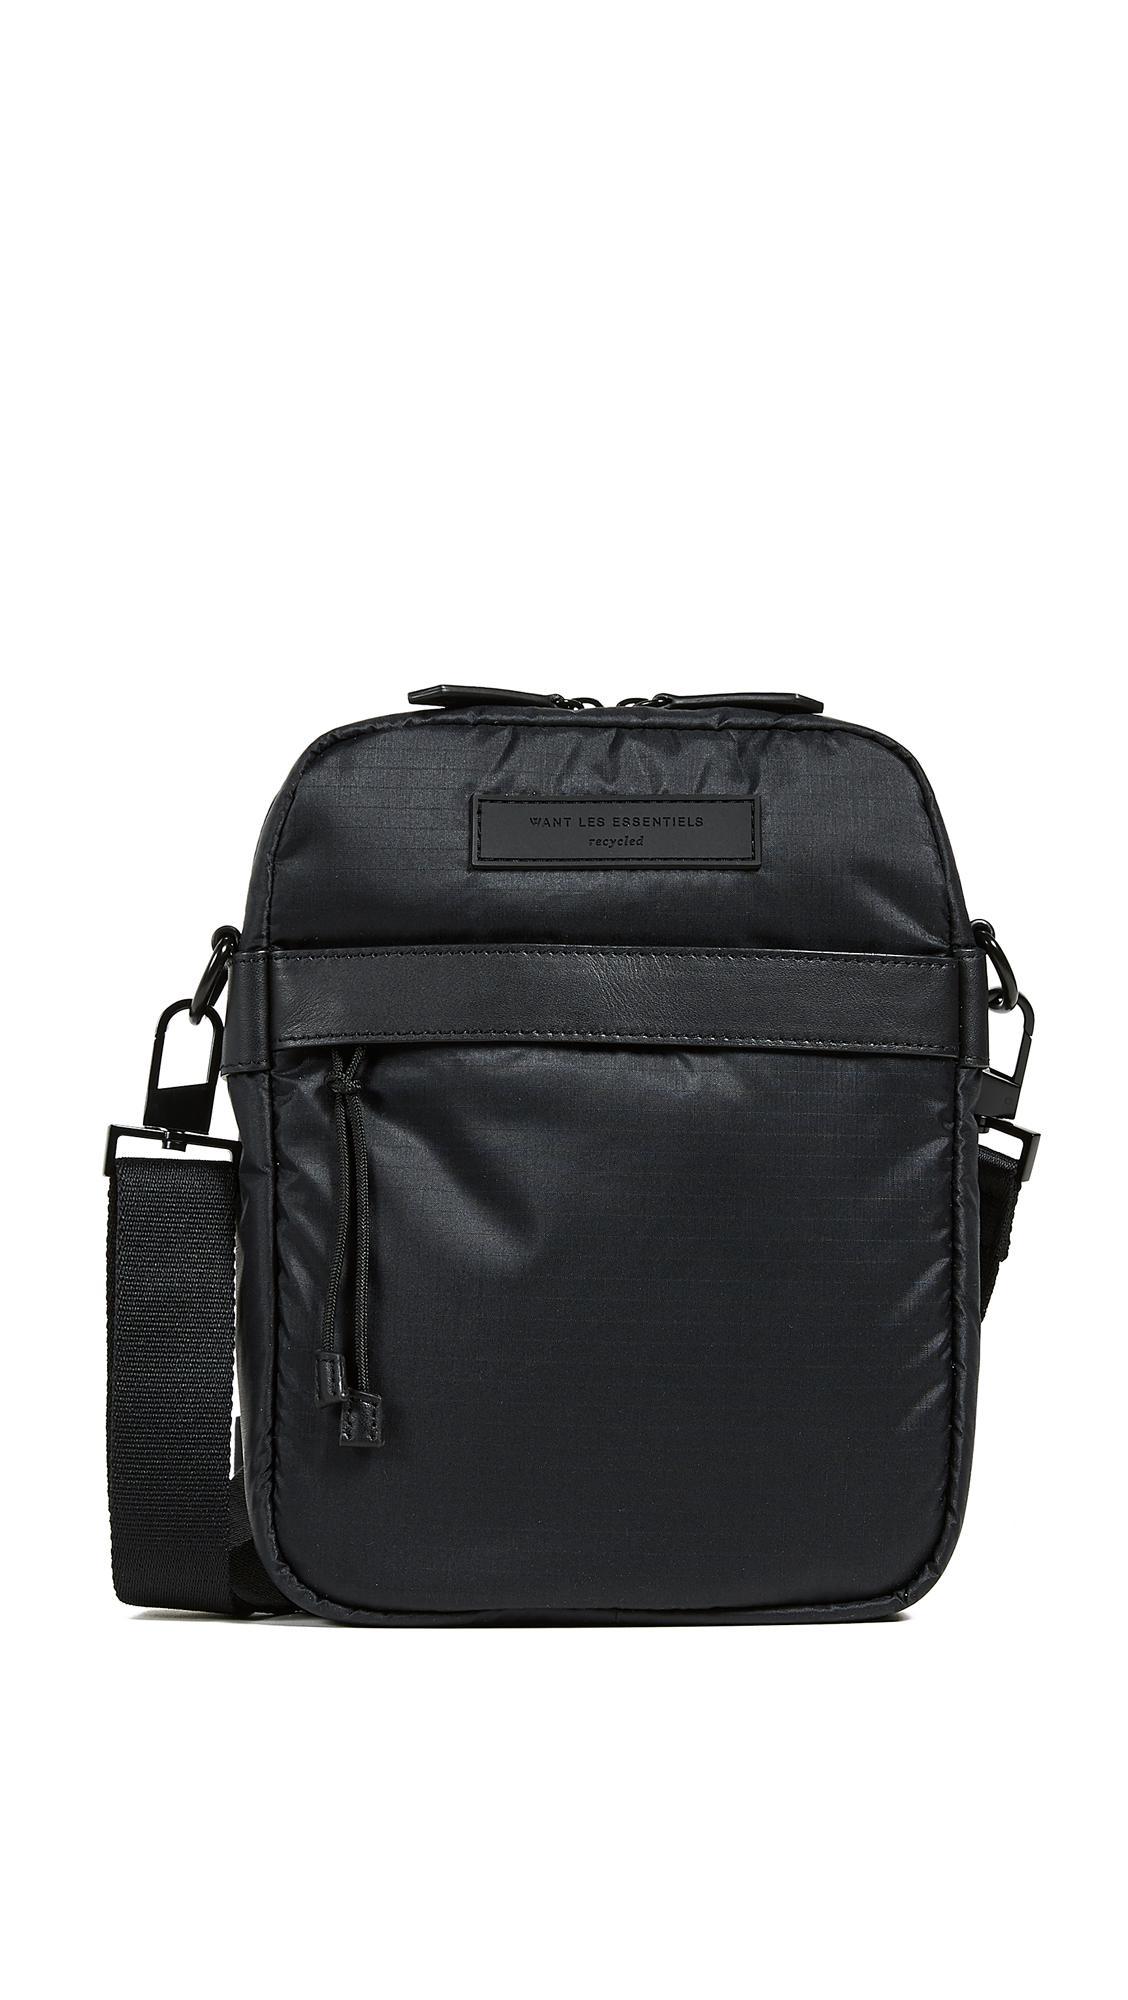 d7ec0964558b Want Les Essentiels De La Vie. Men s Black Bryce Cross Body Messenger Bag